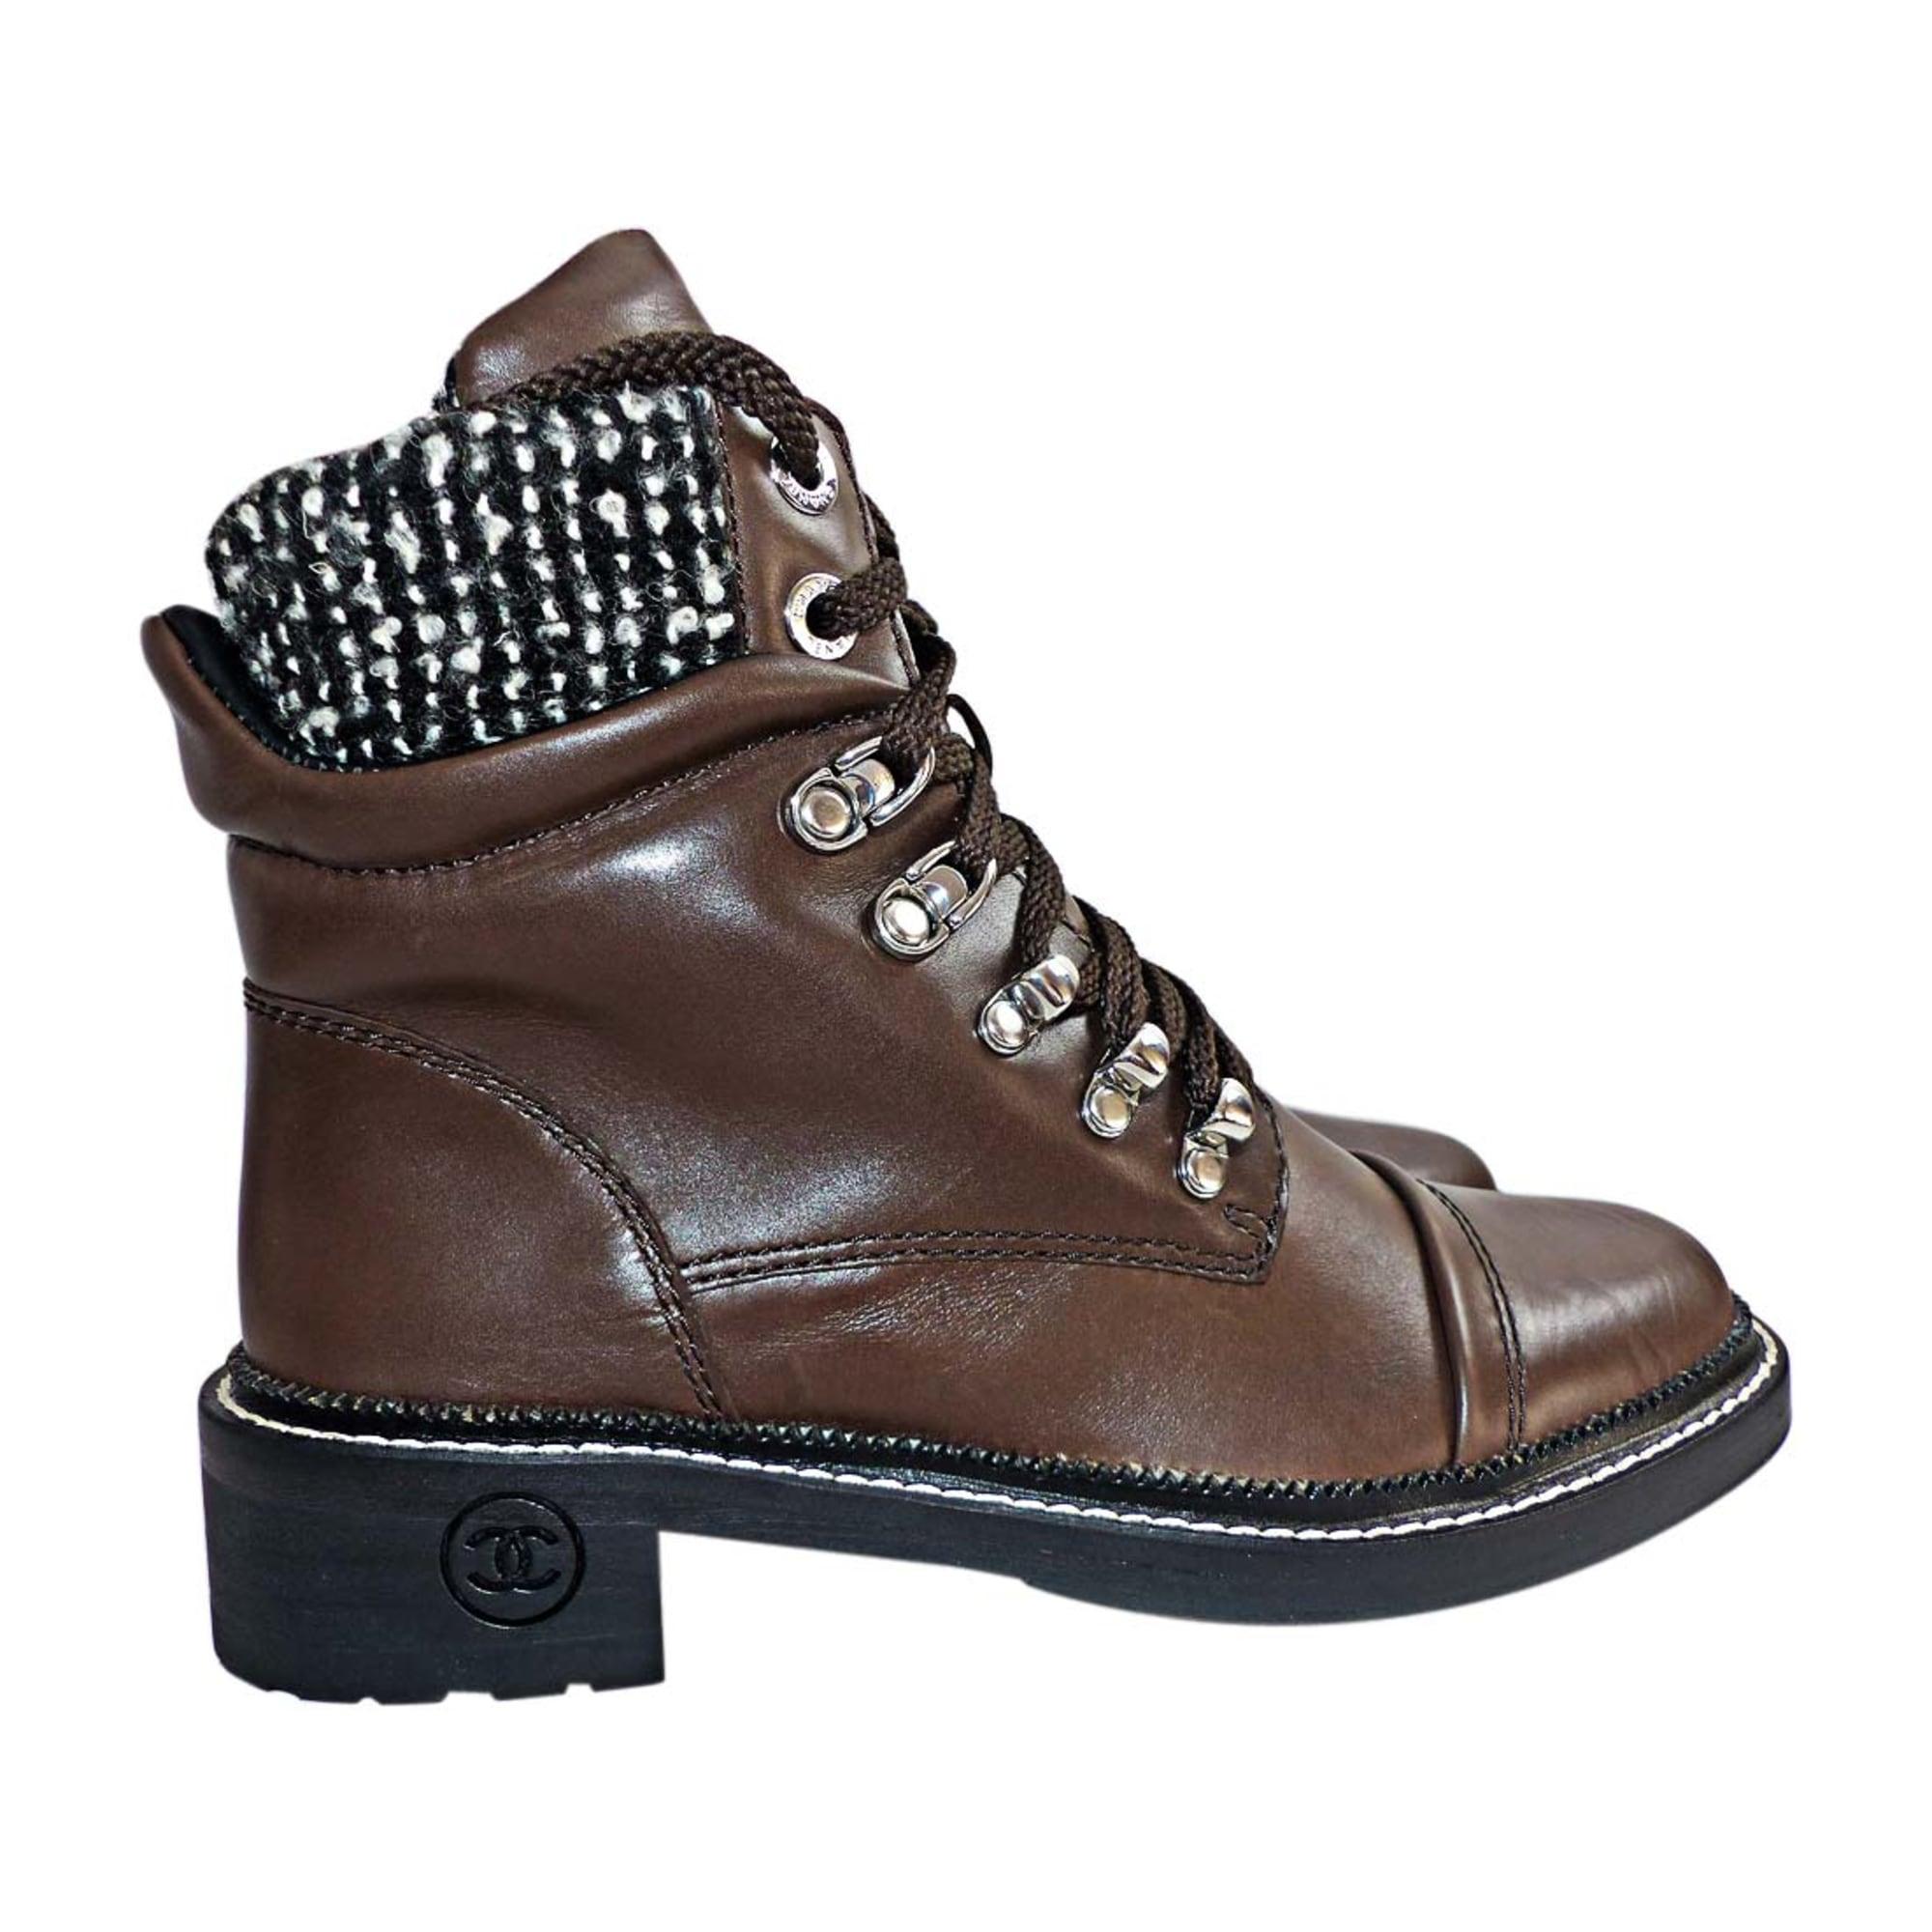 Chaussures à lacets CHANEL 36 marron - 7421251 ec2fbd66d72